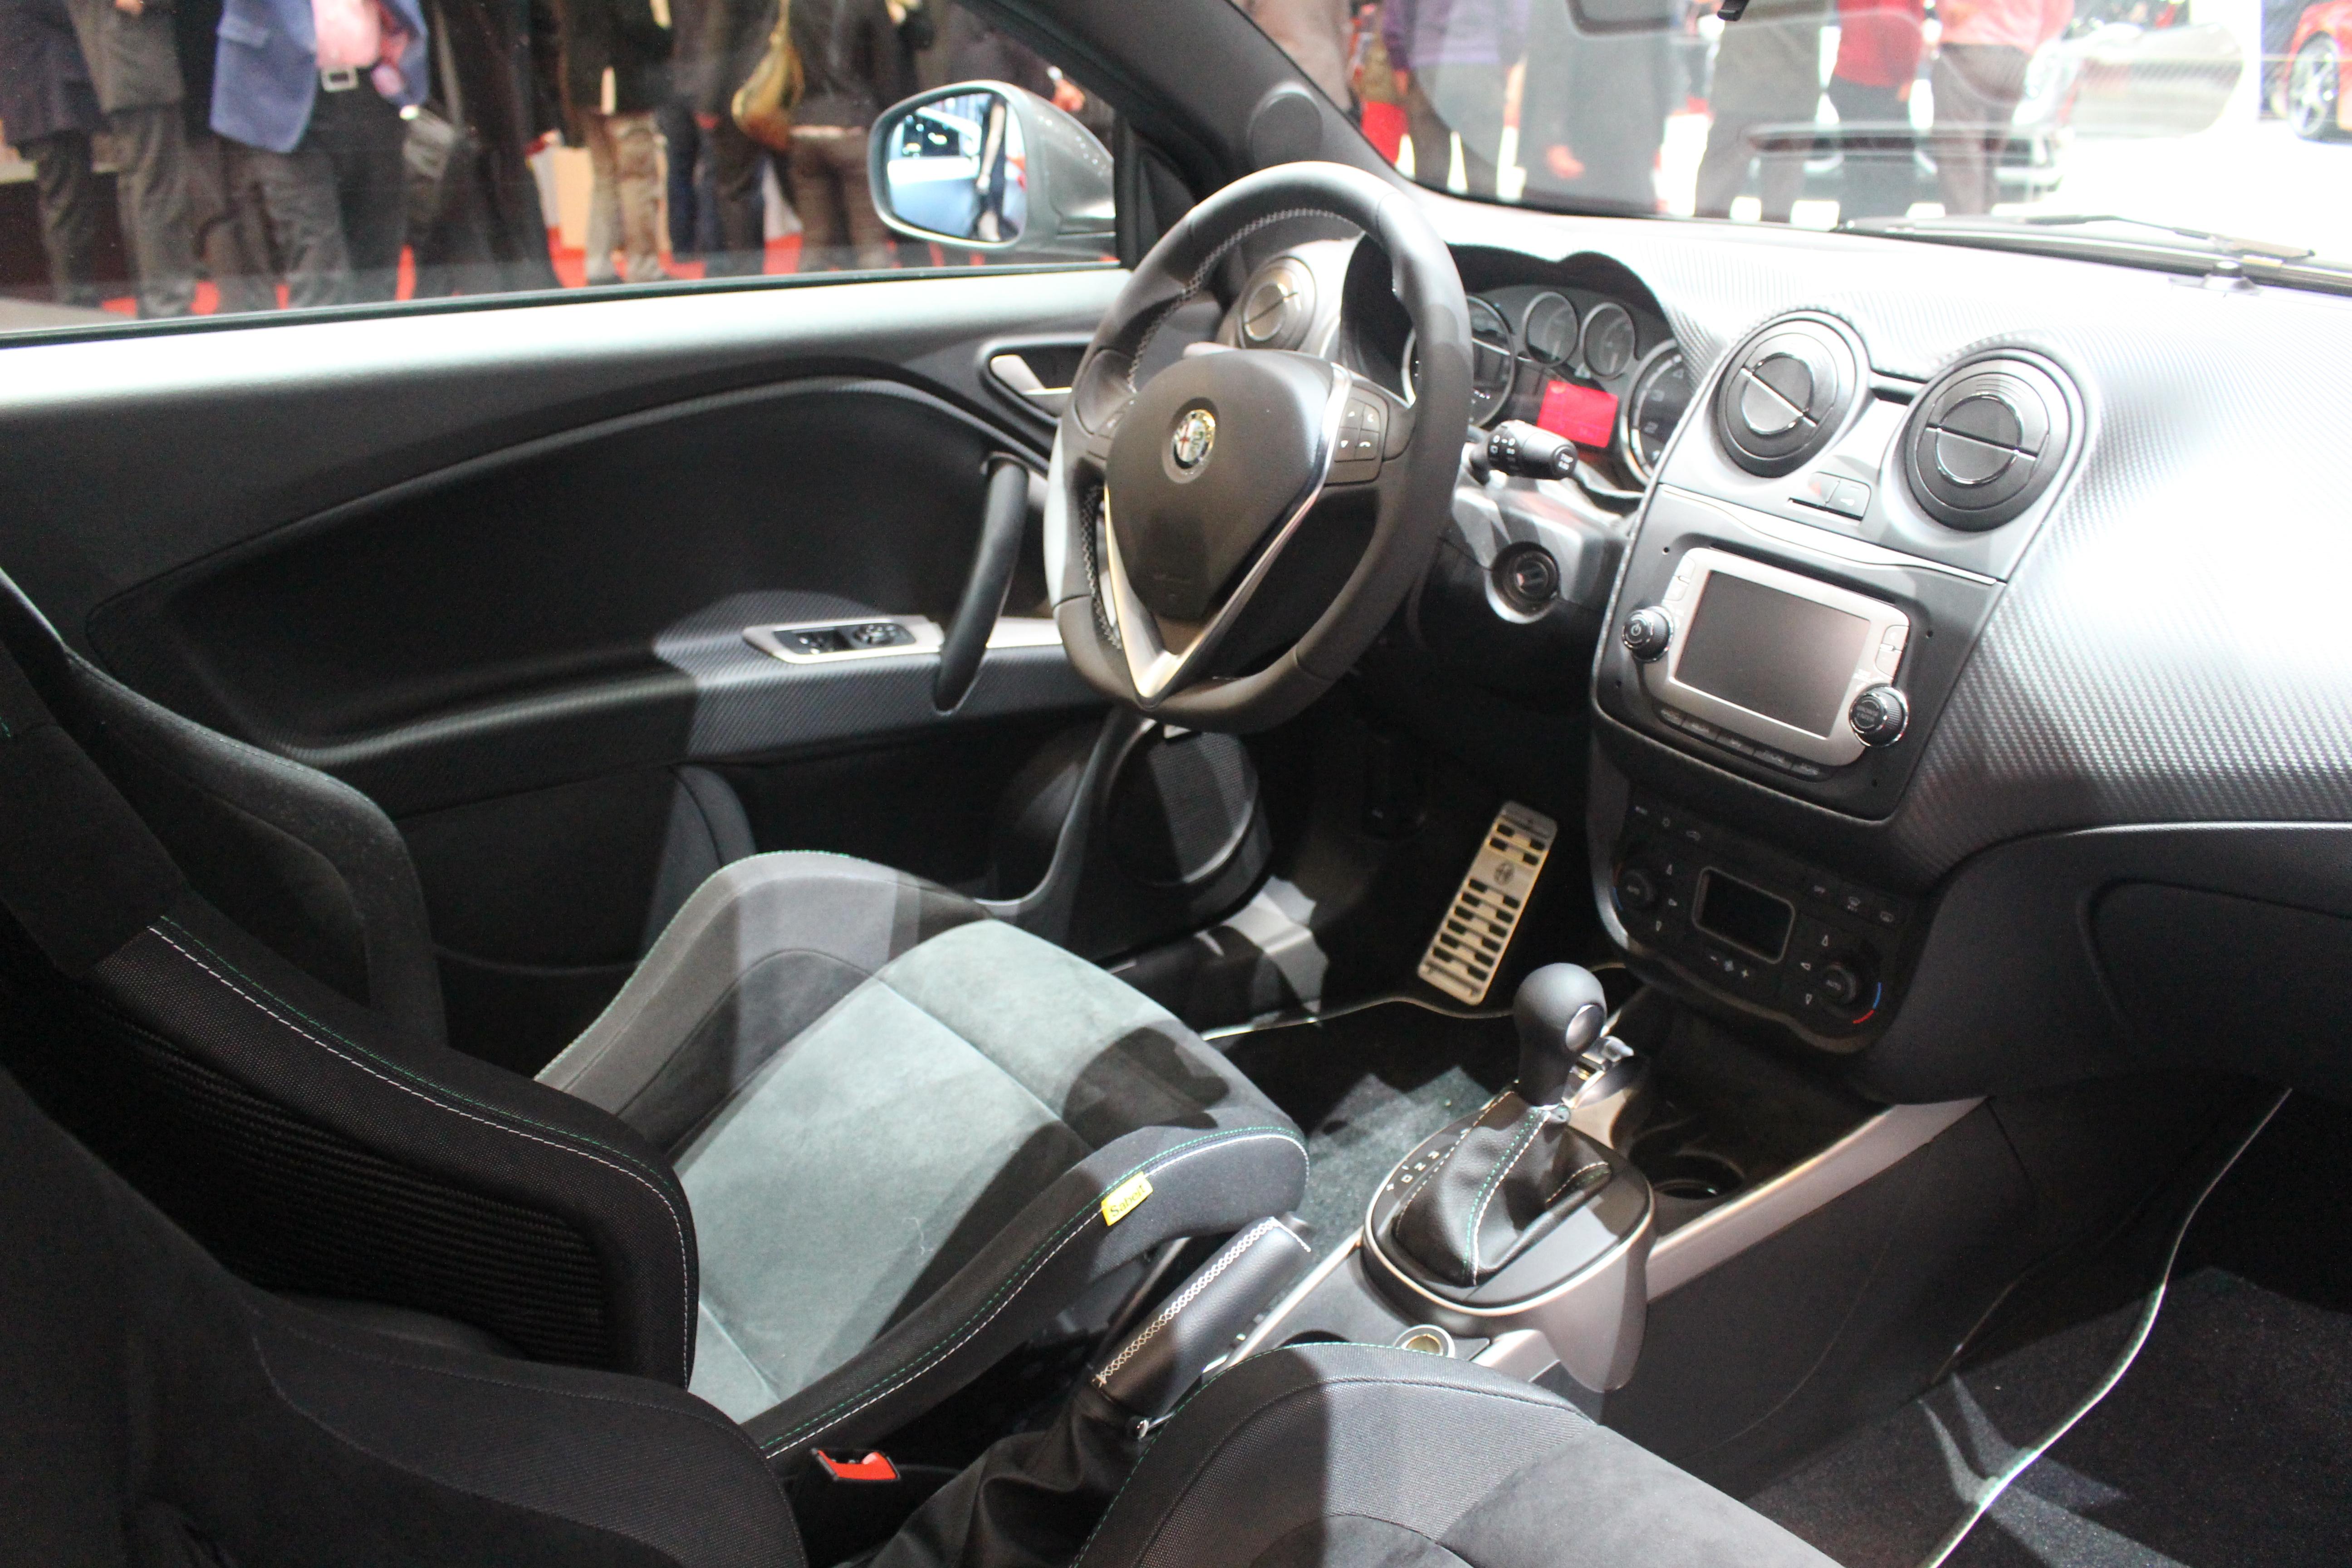 http://images.caradisiac.com/images/2/8/0/8/92808/S0-En-direct-de-Geneve-2014-Alfa-Romeo-Giulietta-et-MiTo-Quadrifoglio-Verde-le-retour-du-trefle-315924.jpg